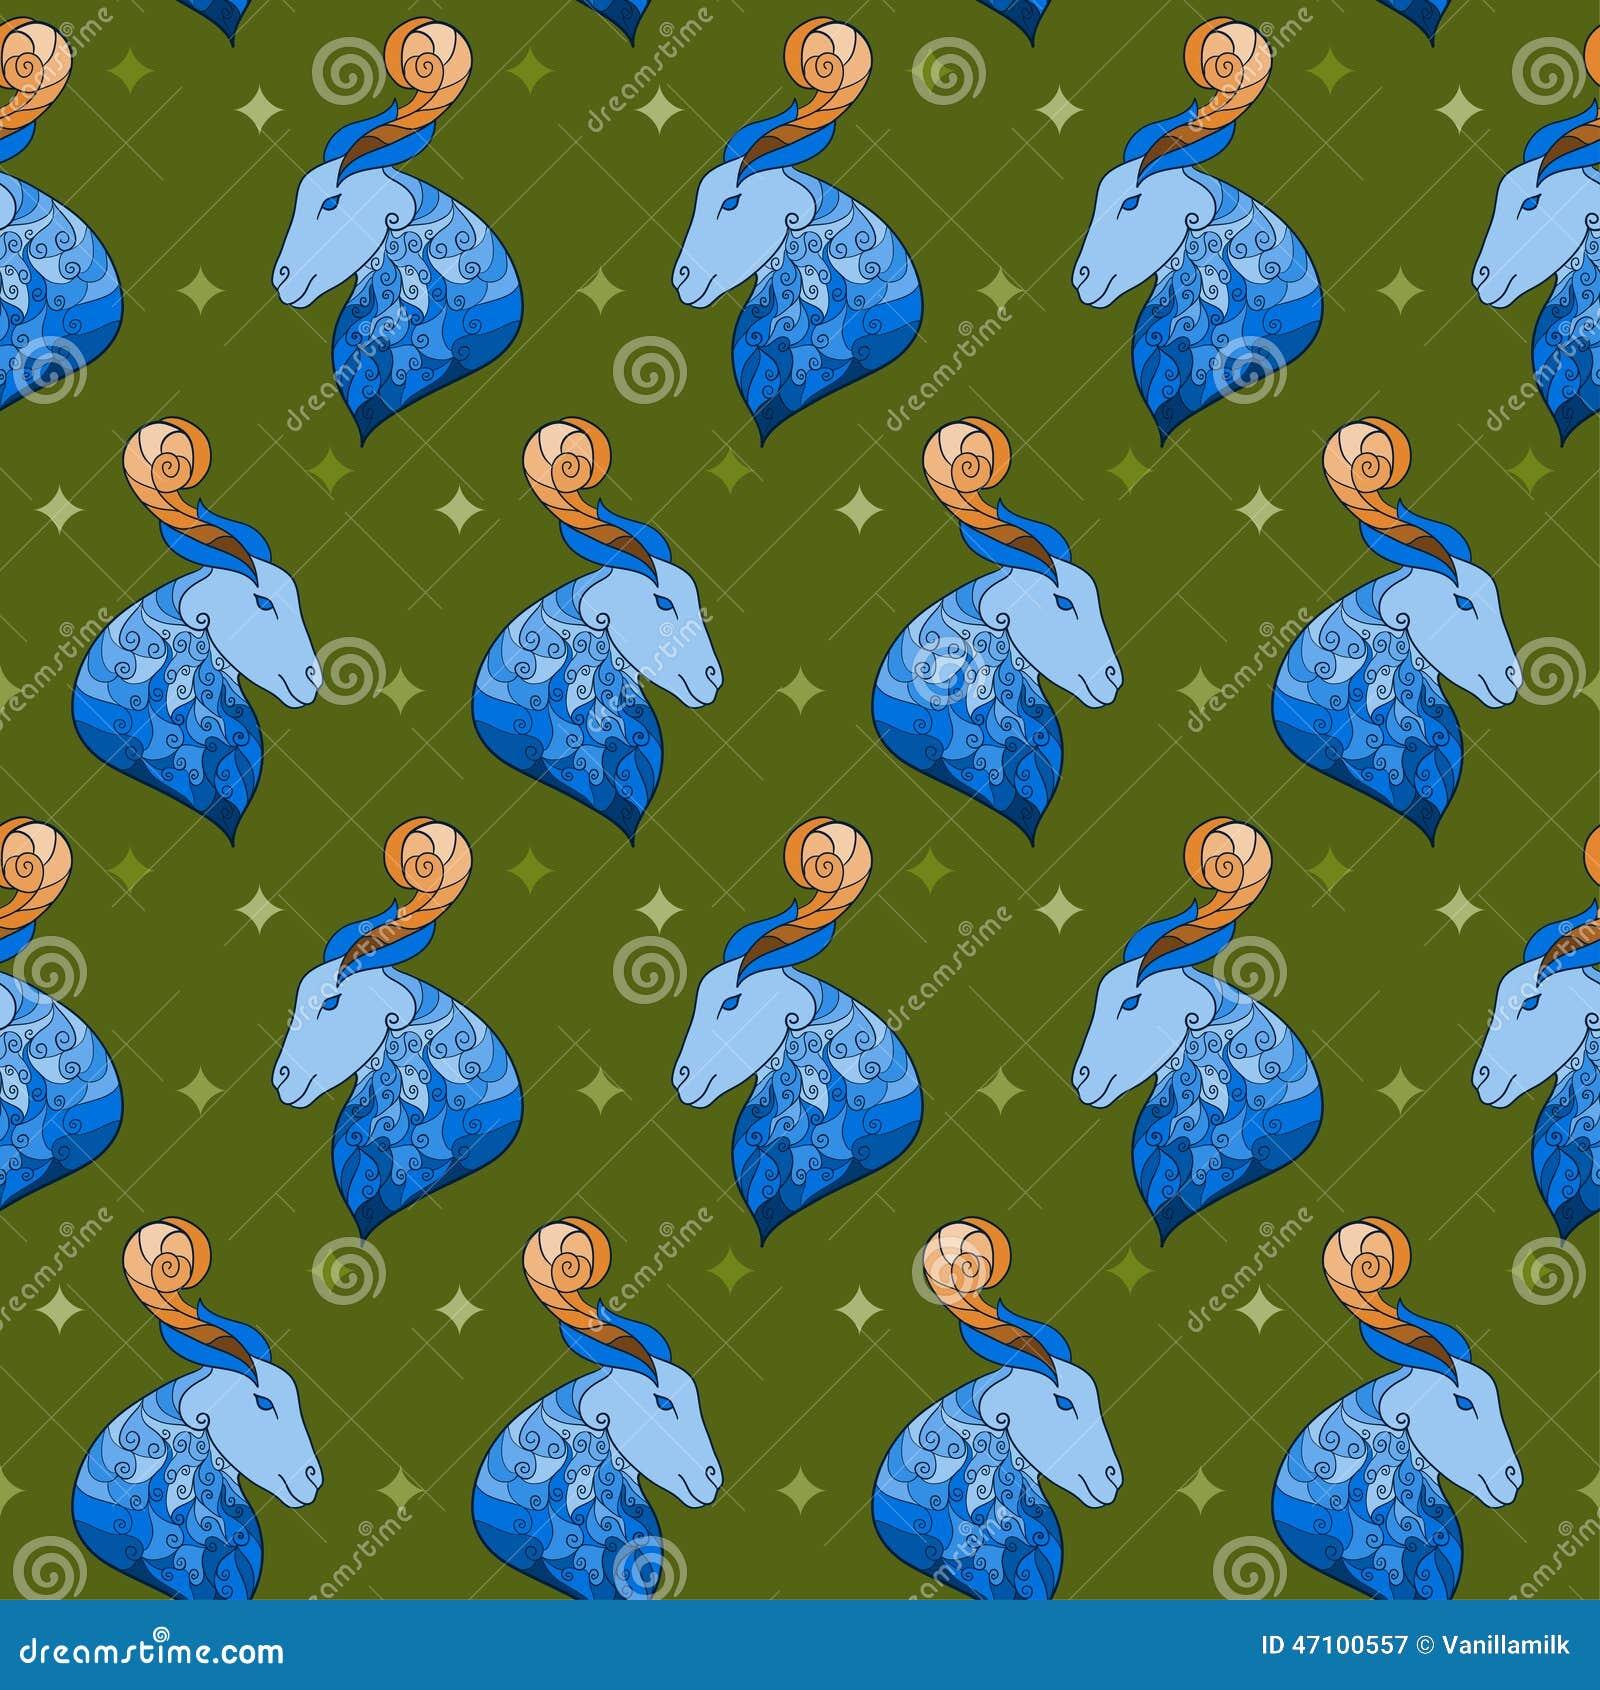 Dekorativer heller farbiger nahtloser Hintergrund der blauen Ziege